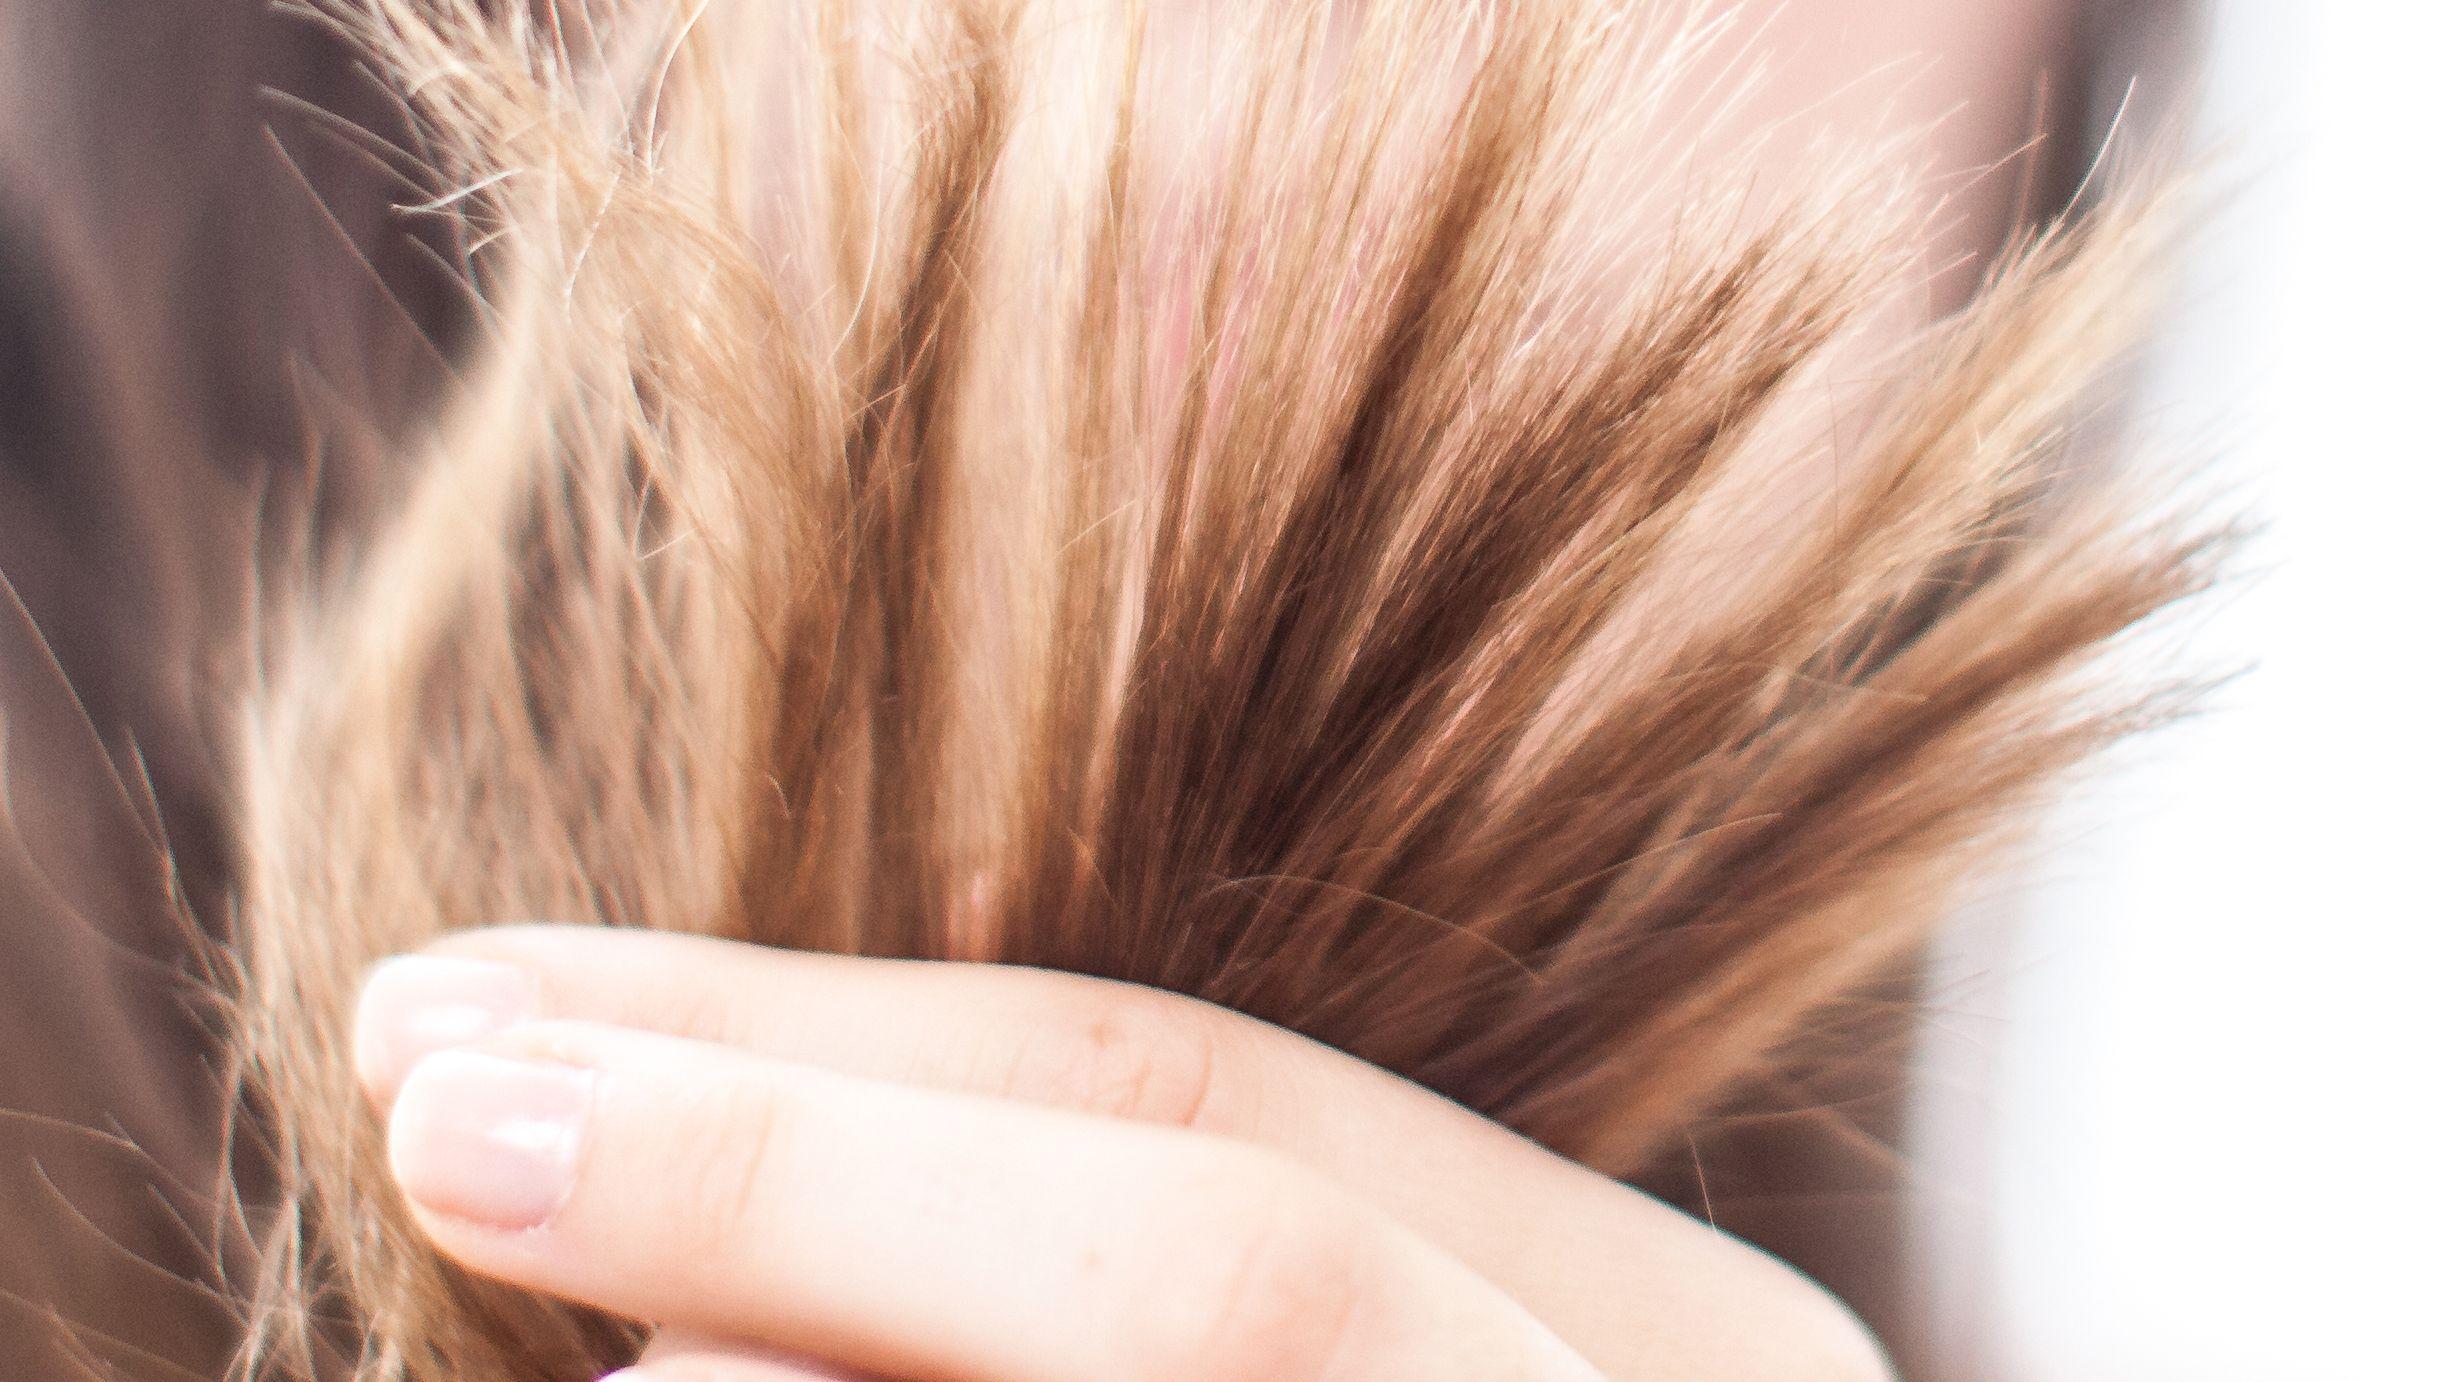 Haarbüschel in der Hand.